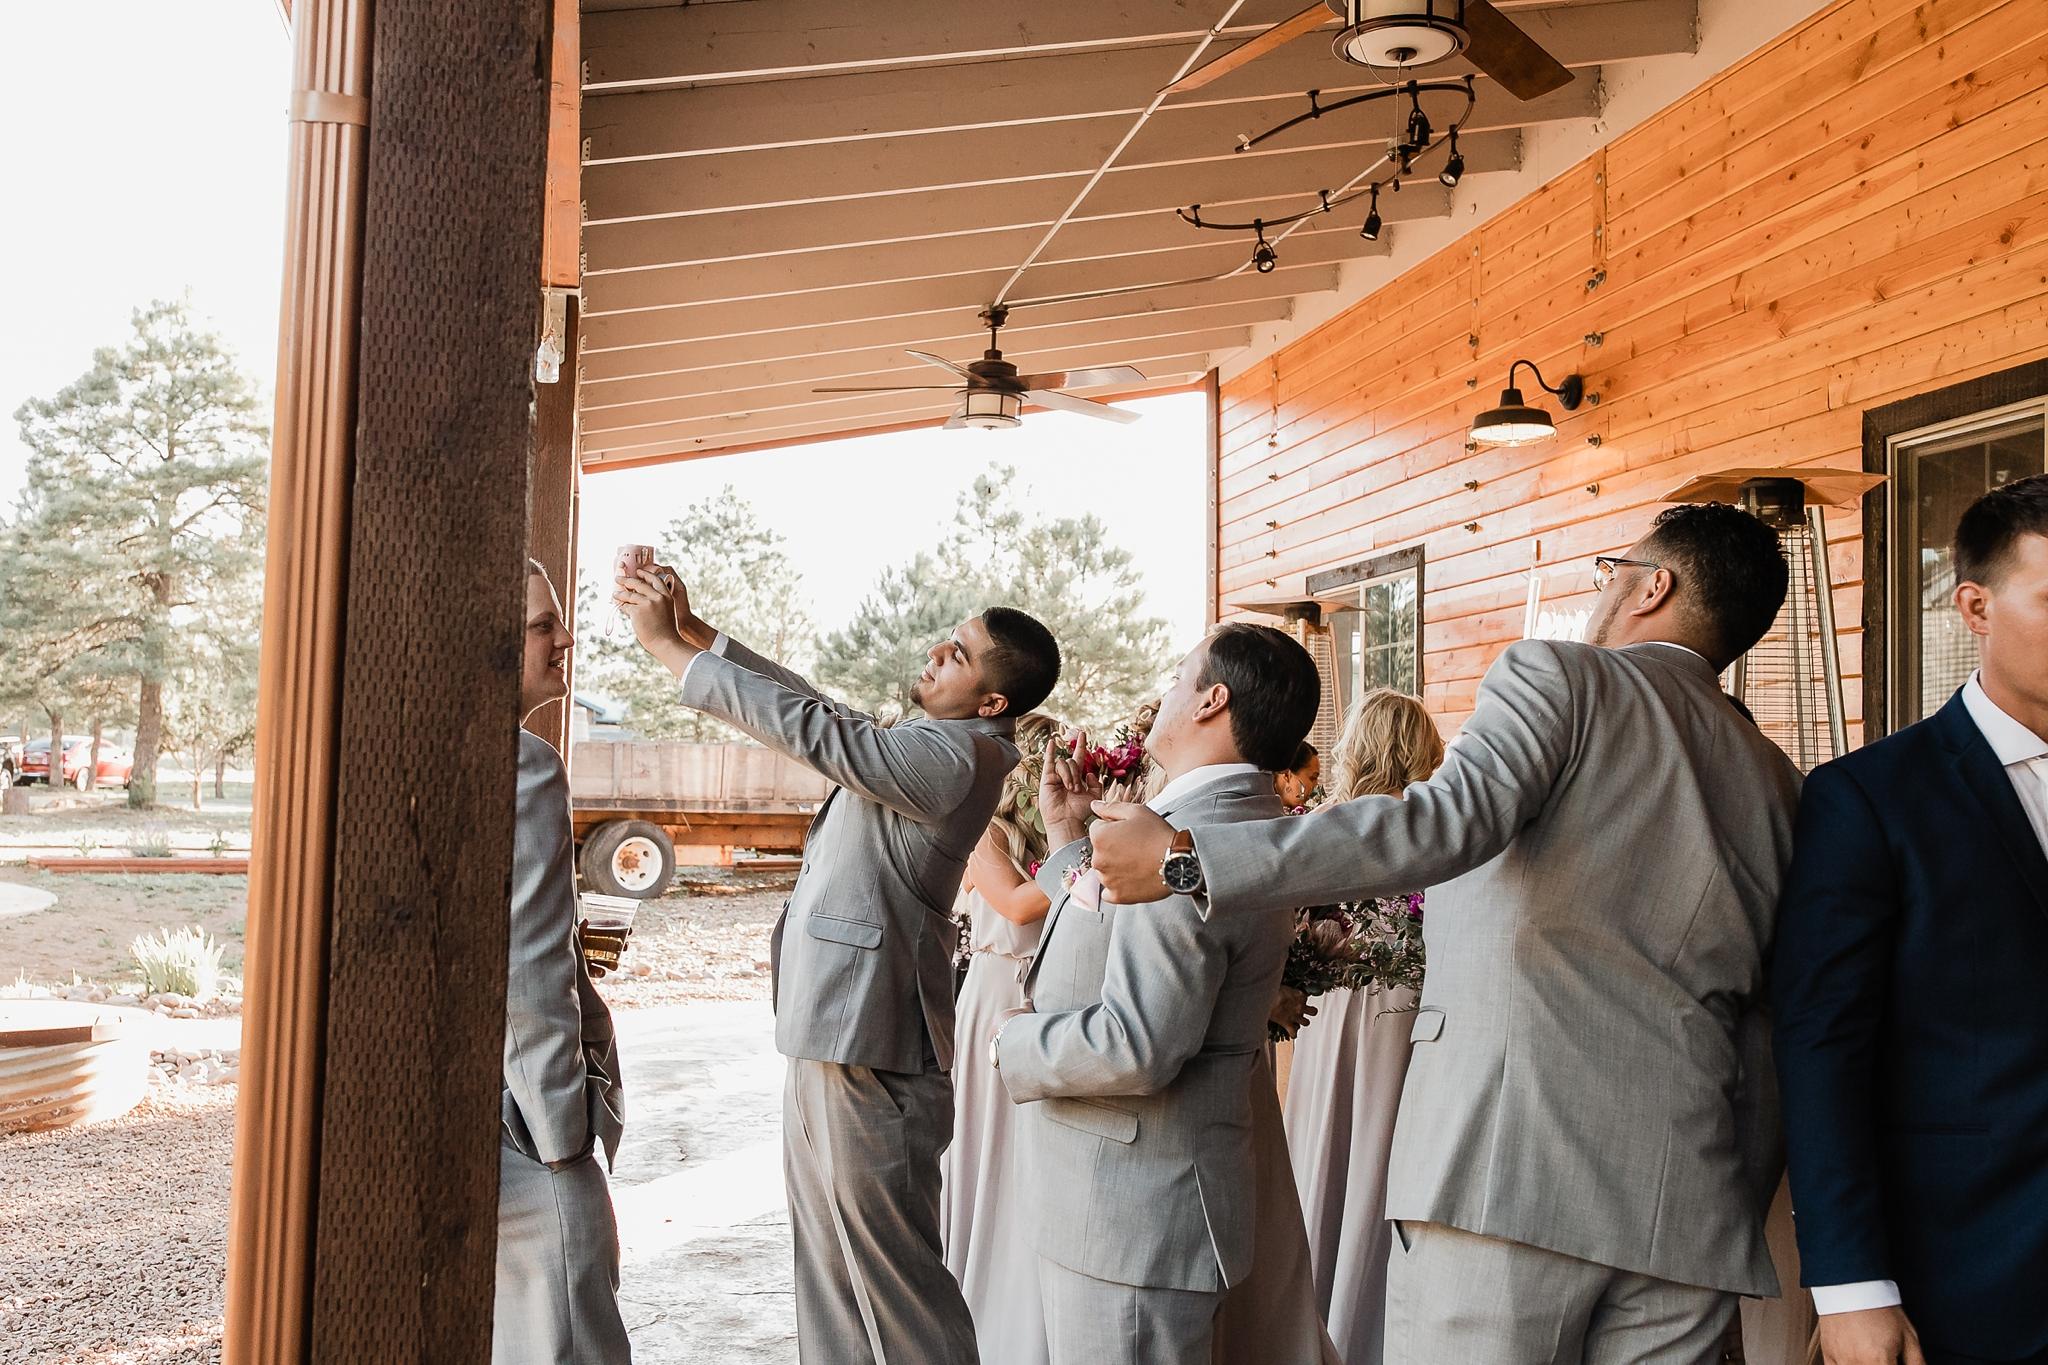 Alicia+lucia+photography+-+albuquerque+wedding+photographer+-+santa+fe+wedding+photography+-+new+mexico+wedding+photographer+-+new+mexico+wedding+-+new+mexico+wedding+-+barn+wedding+-+enchanted+vine+barn+wedding+-+ruidoso+wedding_0118.jpg